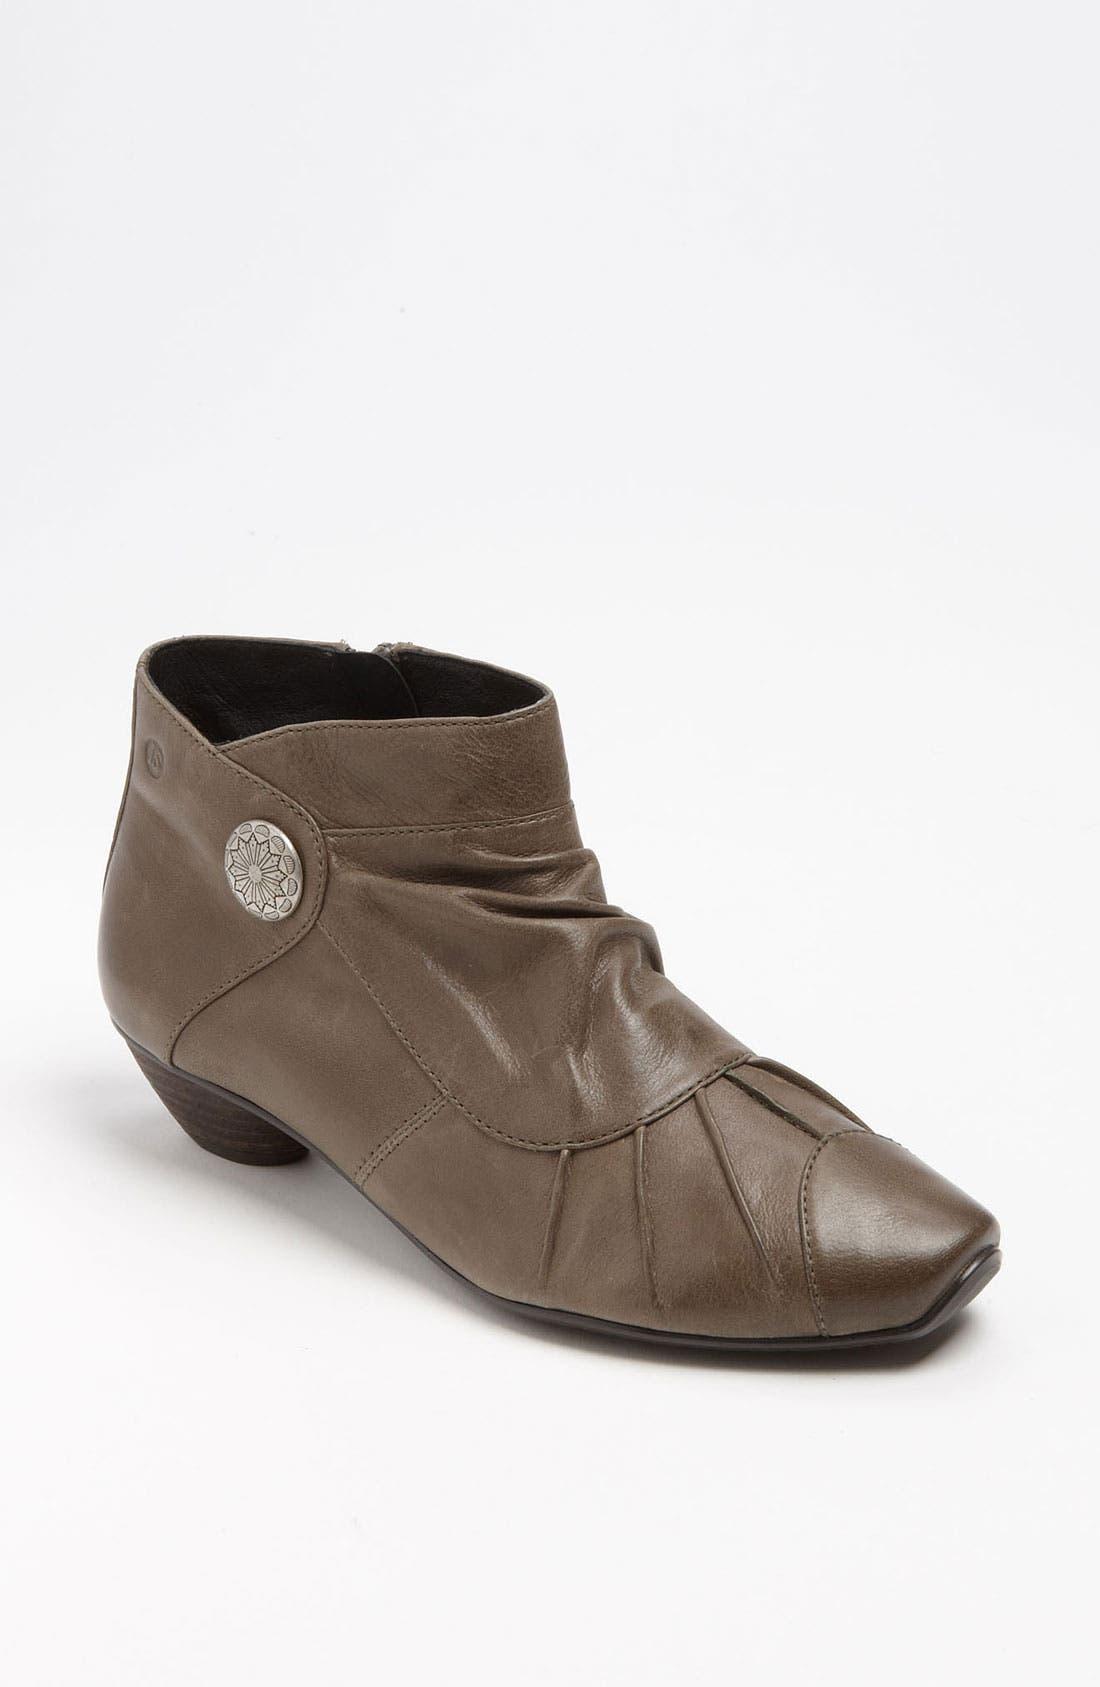 Alternate Image 1 Selected - Josef Seibel 'Tina 36' Boot